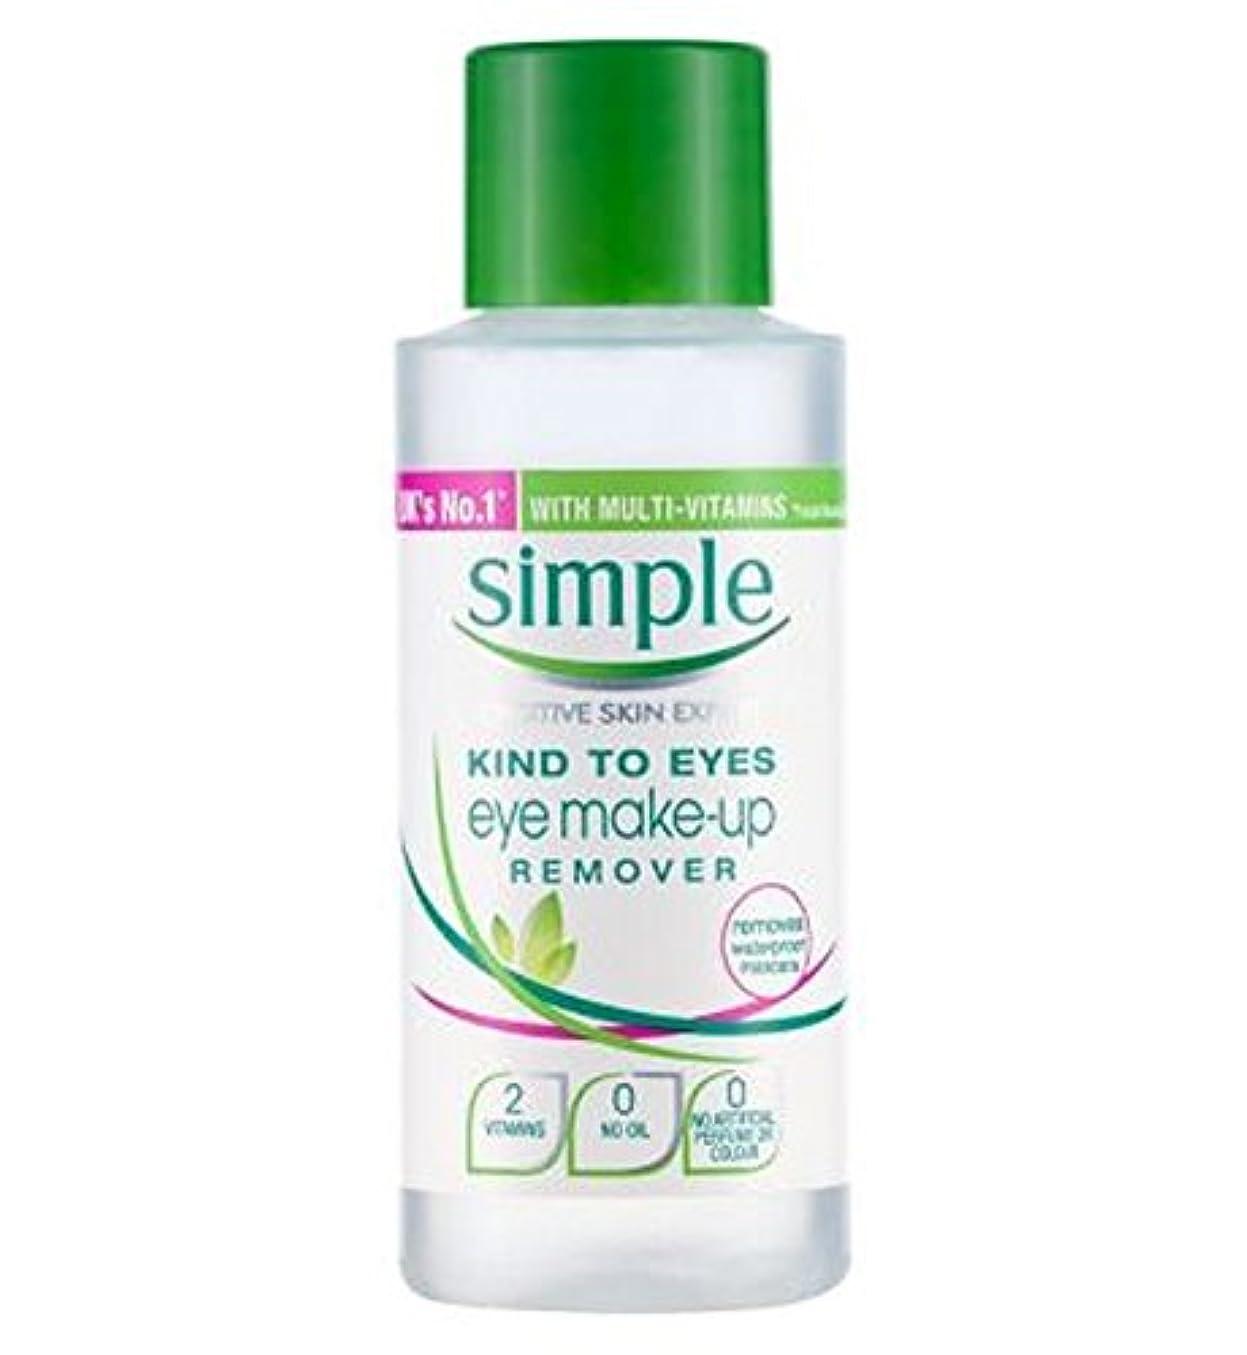 安全でない起訴する帰する目のアイメイクアップリムーバーの50ミリリットルへの単純な種類 (Simple) (x2) - Simple Kind to Eyes Eye Make-Up Remover 50ml (Pack of 2) [並行輸入品]